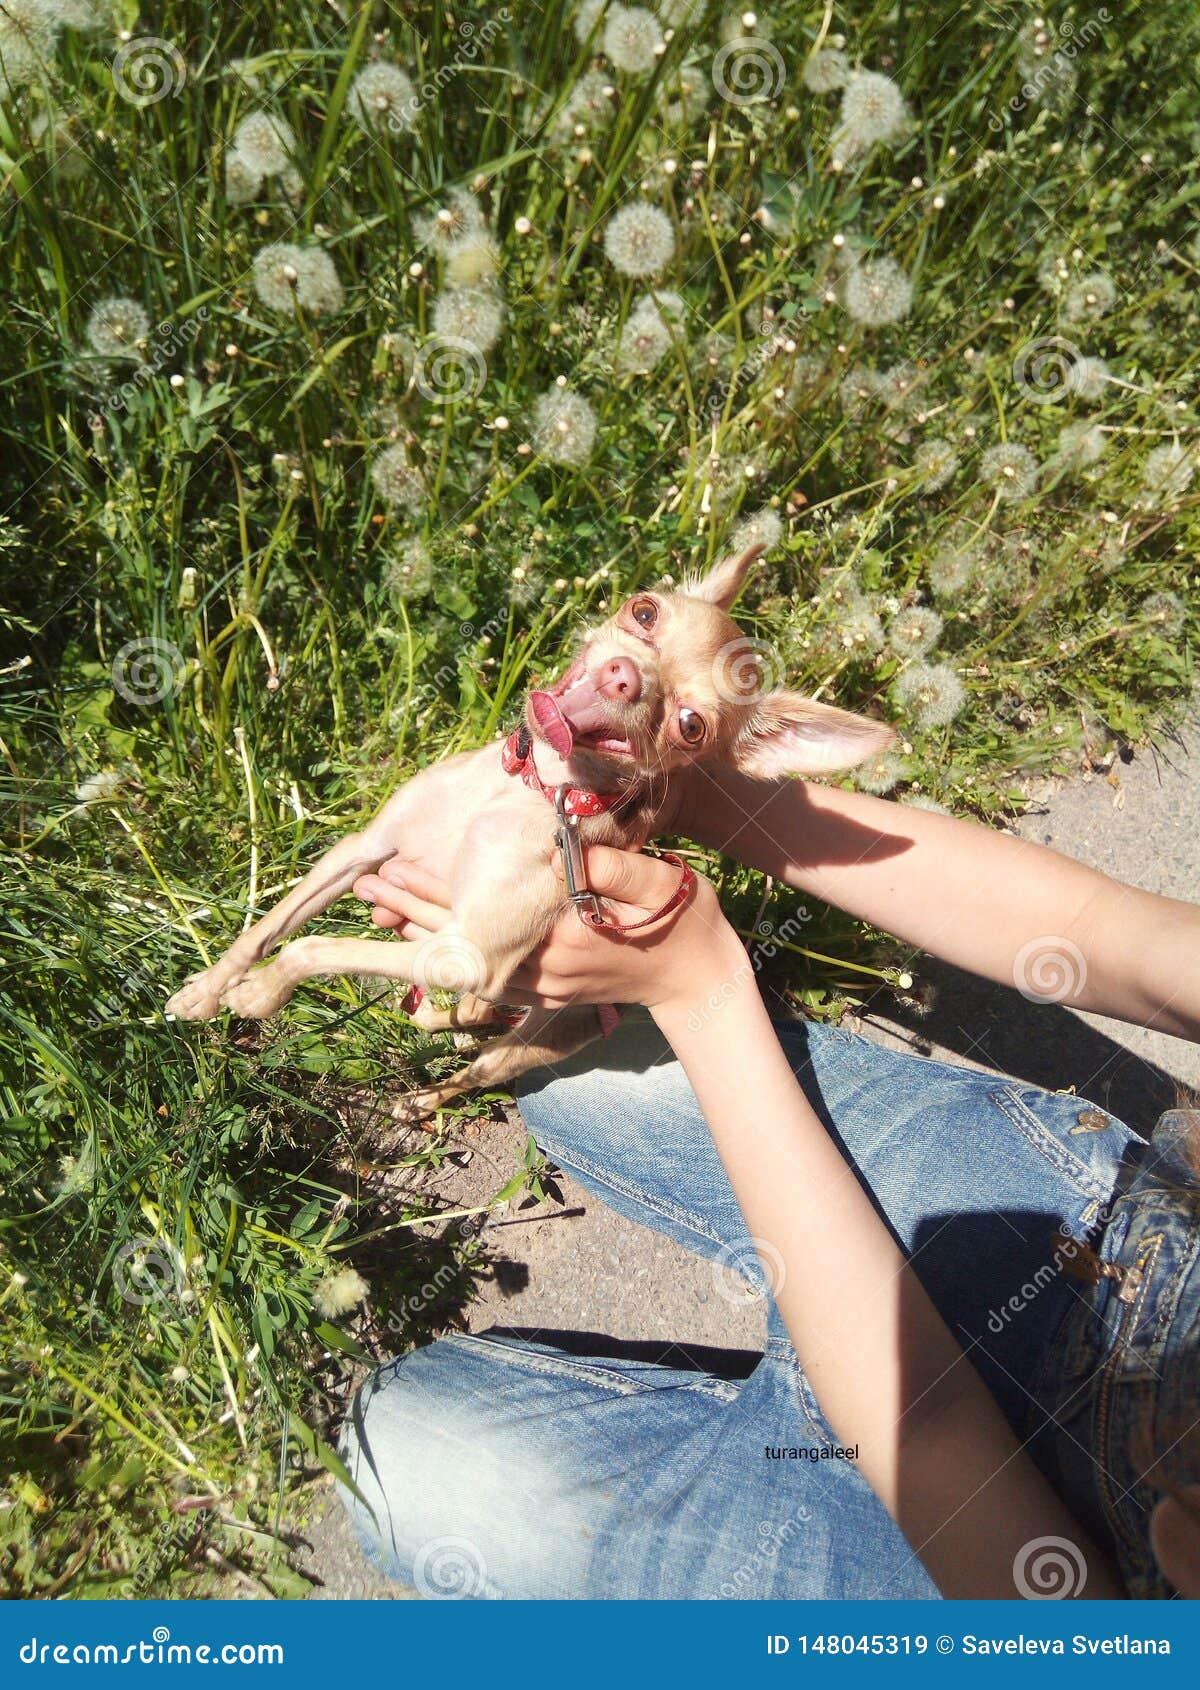 Fält för djur för leendehund lyckligt